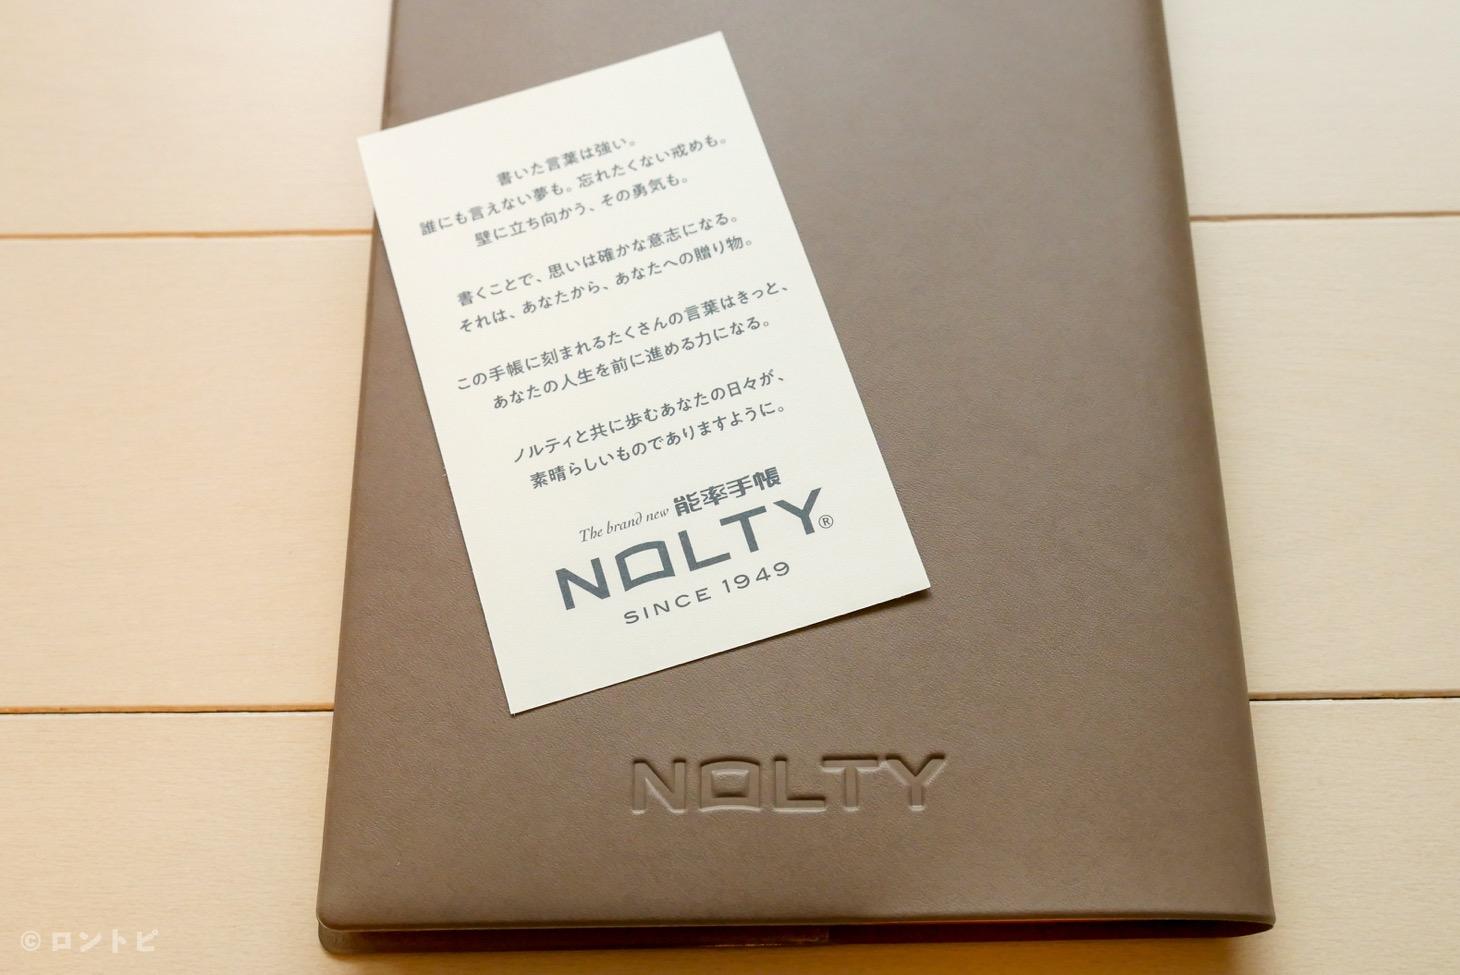 NOLTY U ブログ